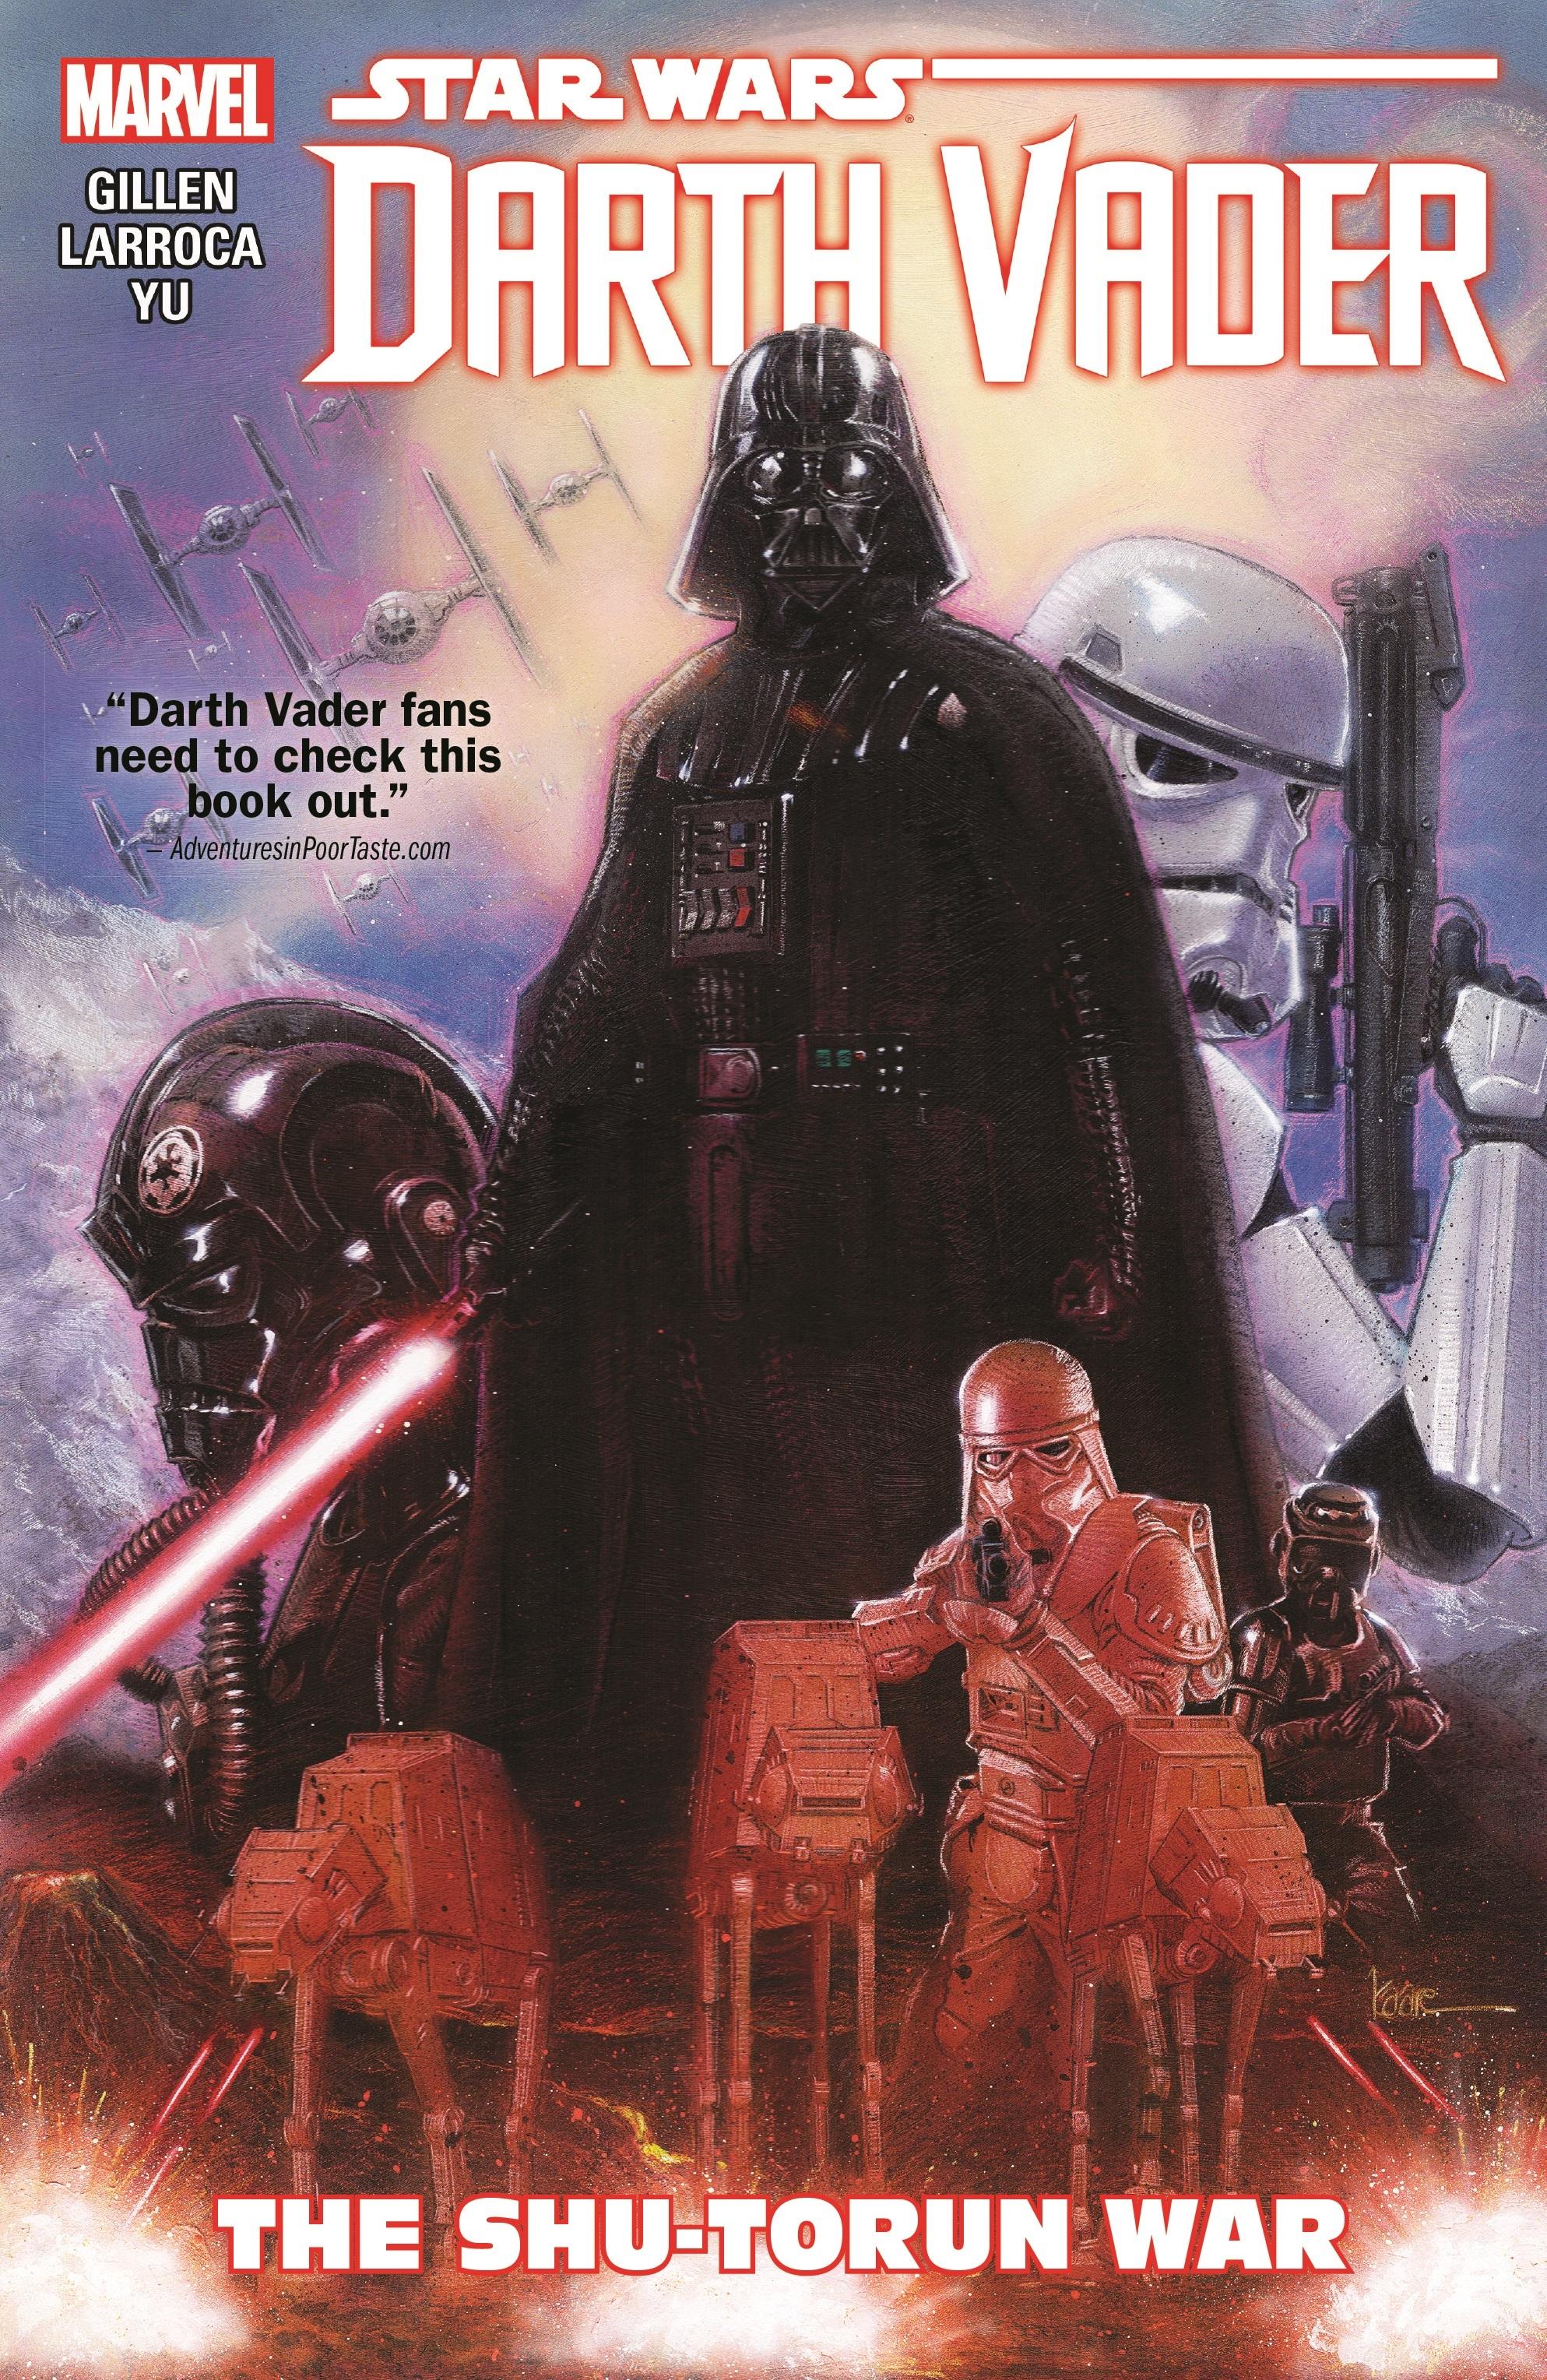 Star Wars: Darth Vader Vol. 3 - The Shu-Torun War (Trade Paperback)